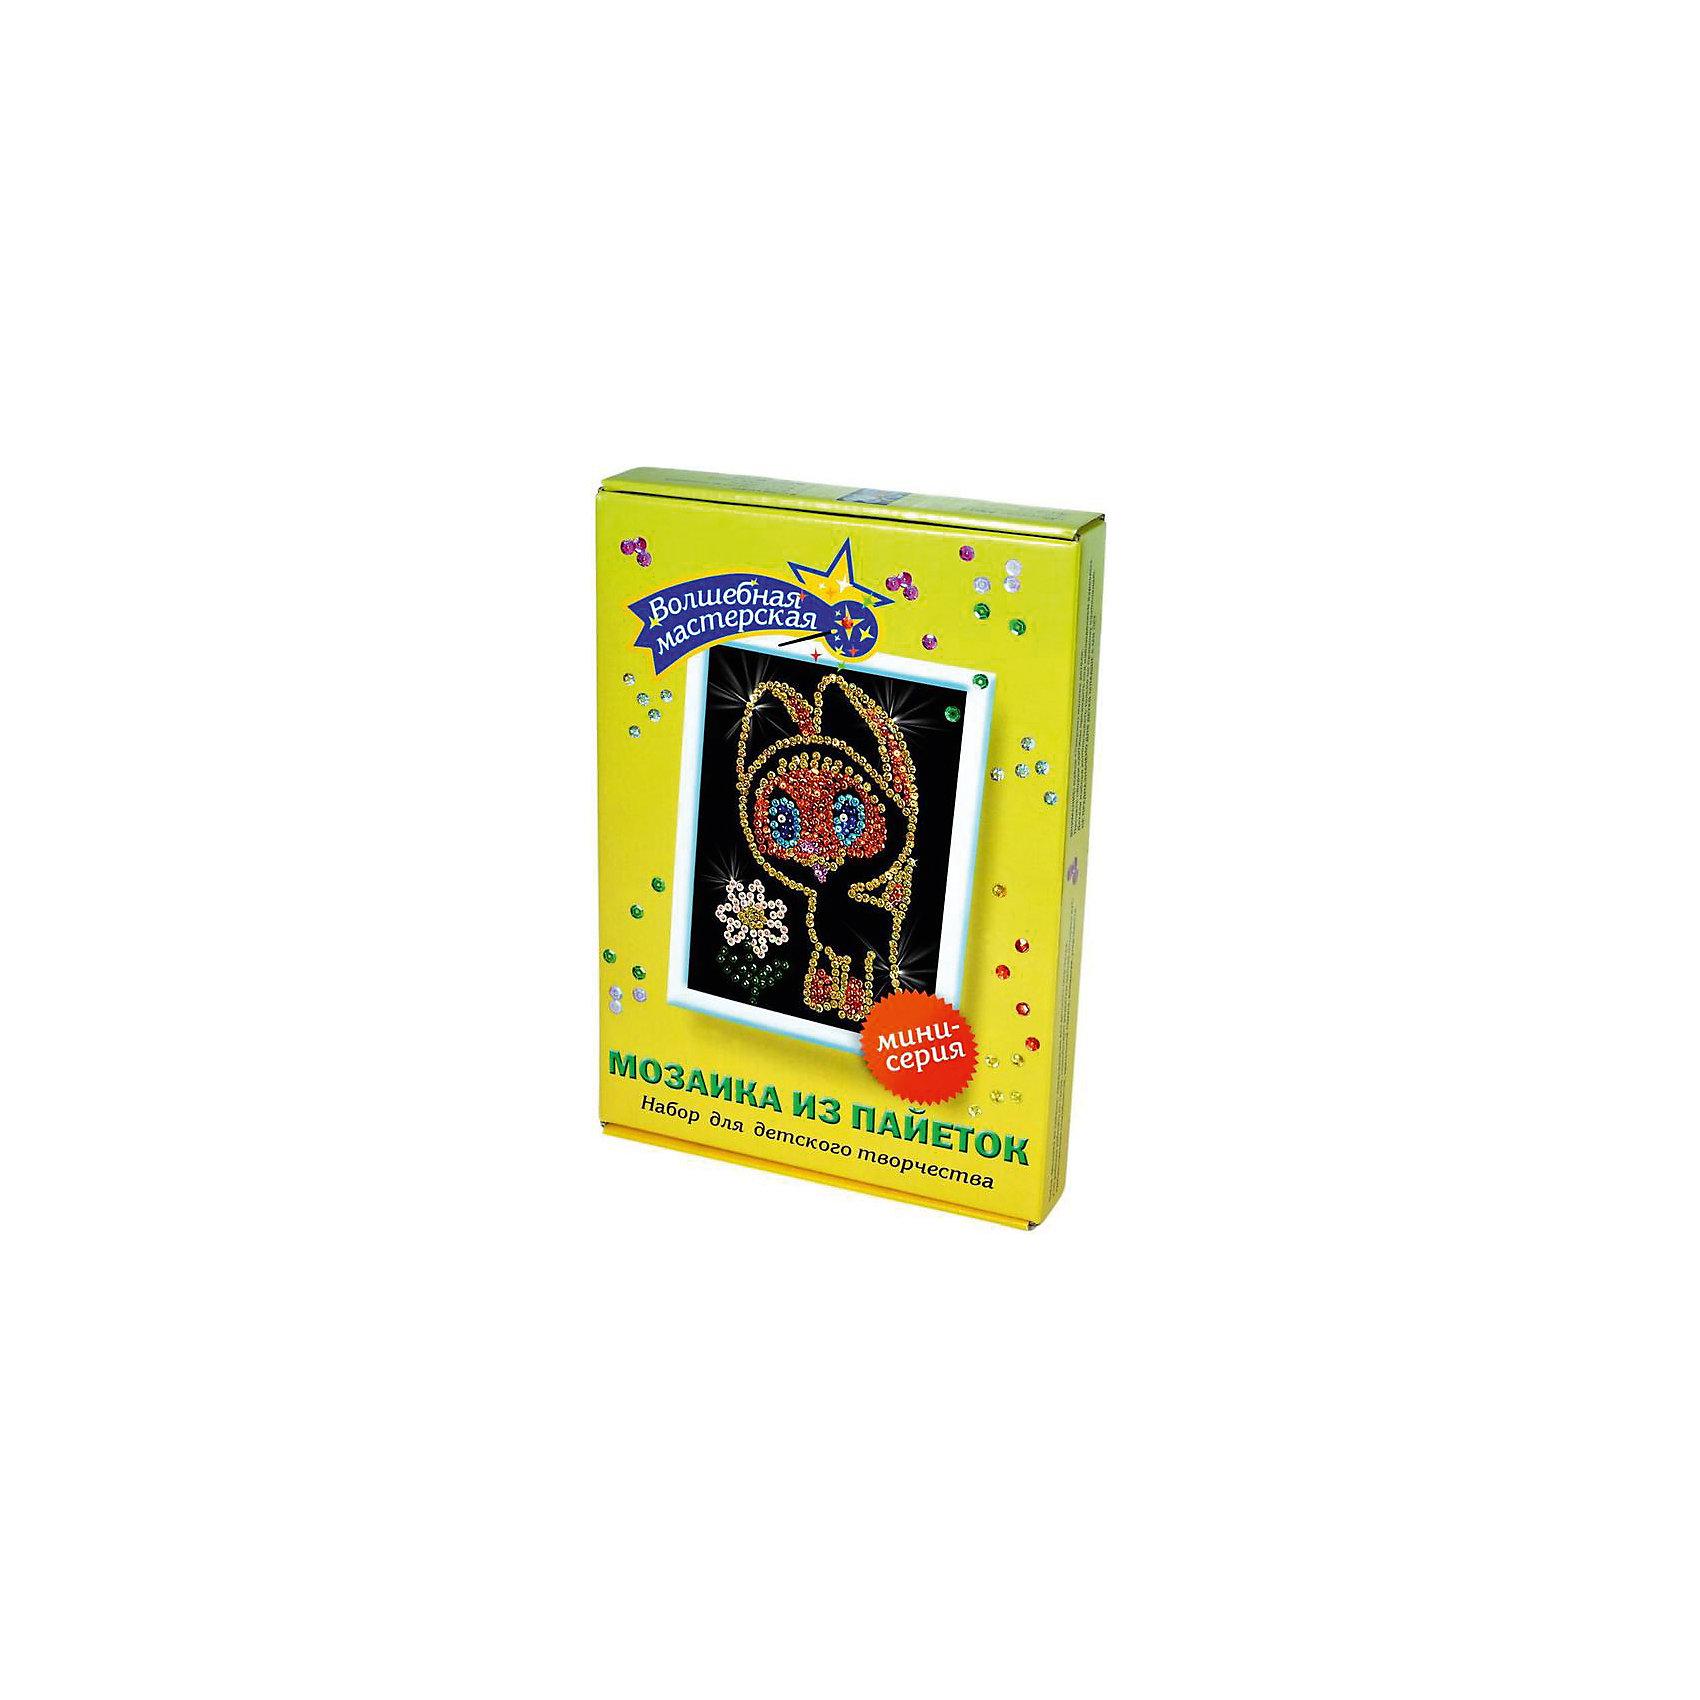 Мозаика из пайеток КотенокМозаика<br>Набор для детского творчества «Мозайка из пайеток» дарит возможность составить рисунок с бабочкой из пайеток. Пайтеки – это блестка, плоская чешуйка из блестящего материала, обычно круглой или многогранной формы и с отверстием для продевания нитки. Пайетка может иметь различную окраску. <br>Набор способствует развитию фантазии ребенка, мелкой моторики рук. Тренирует усидчивость и терпение, так как приходится работать с достаточно мелкими деталями. Подойдет как для домашних занятий творчеством так и для школьных.<br><br>Ширина мм: 375<br>Глубина мм: 34<br>Высота мм: 277<br>Вес г: 164<br>Возраст от месяцев: 36<br>Возраст до месяцев: 108<br>Пол: Унисекс<br>Возраст: Детский<br>SKU: 5075363